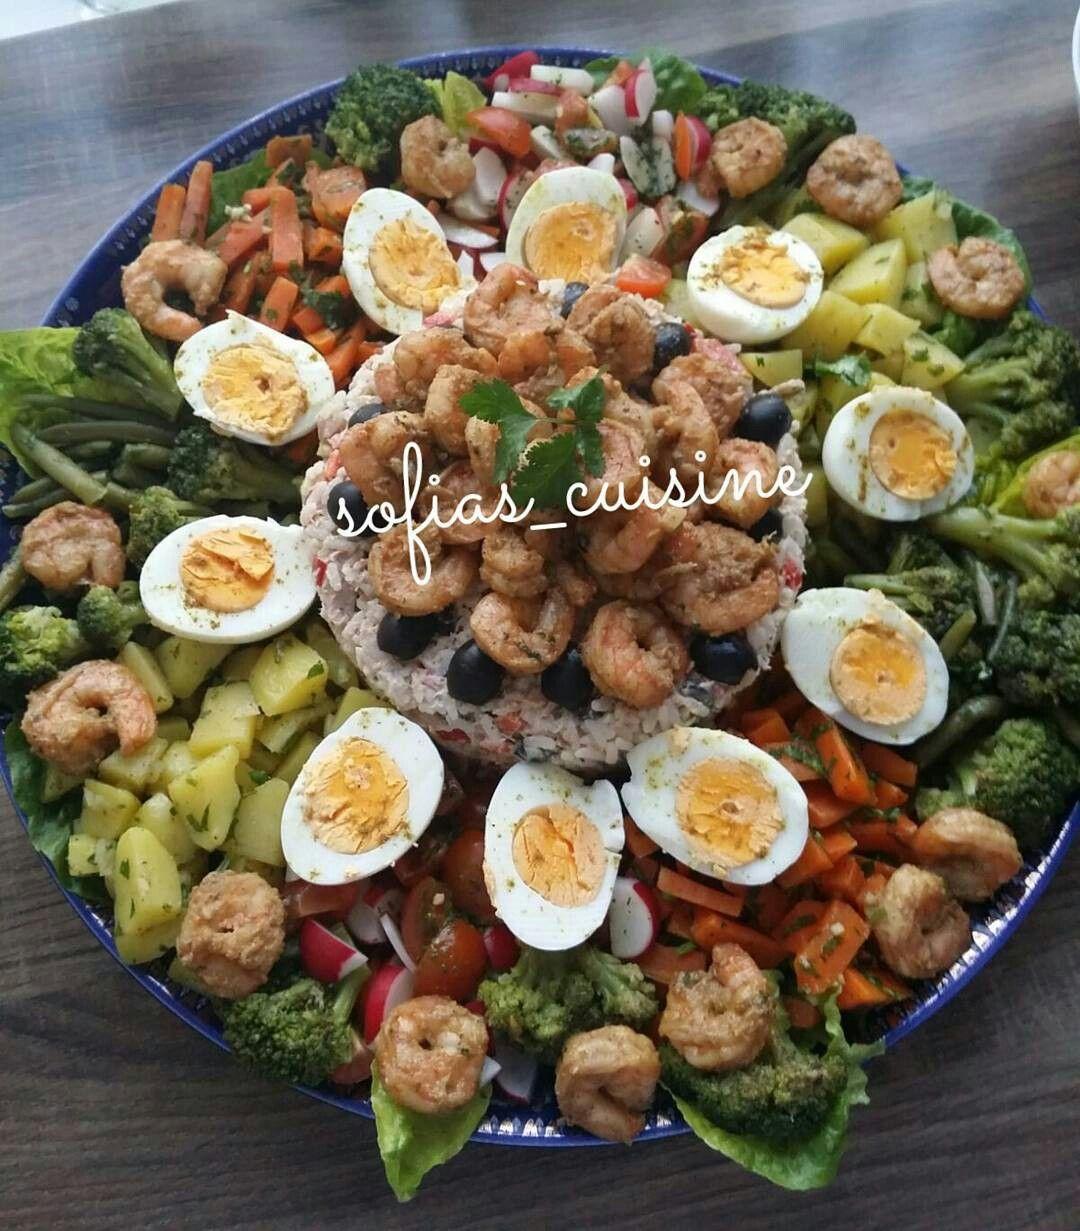 Épinglé par Noura Sea sur feestsalades/partysalades   Cuisine marocaine, Idée recette salade ...